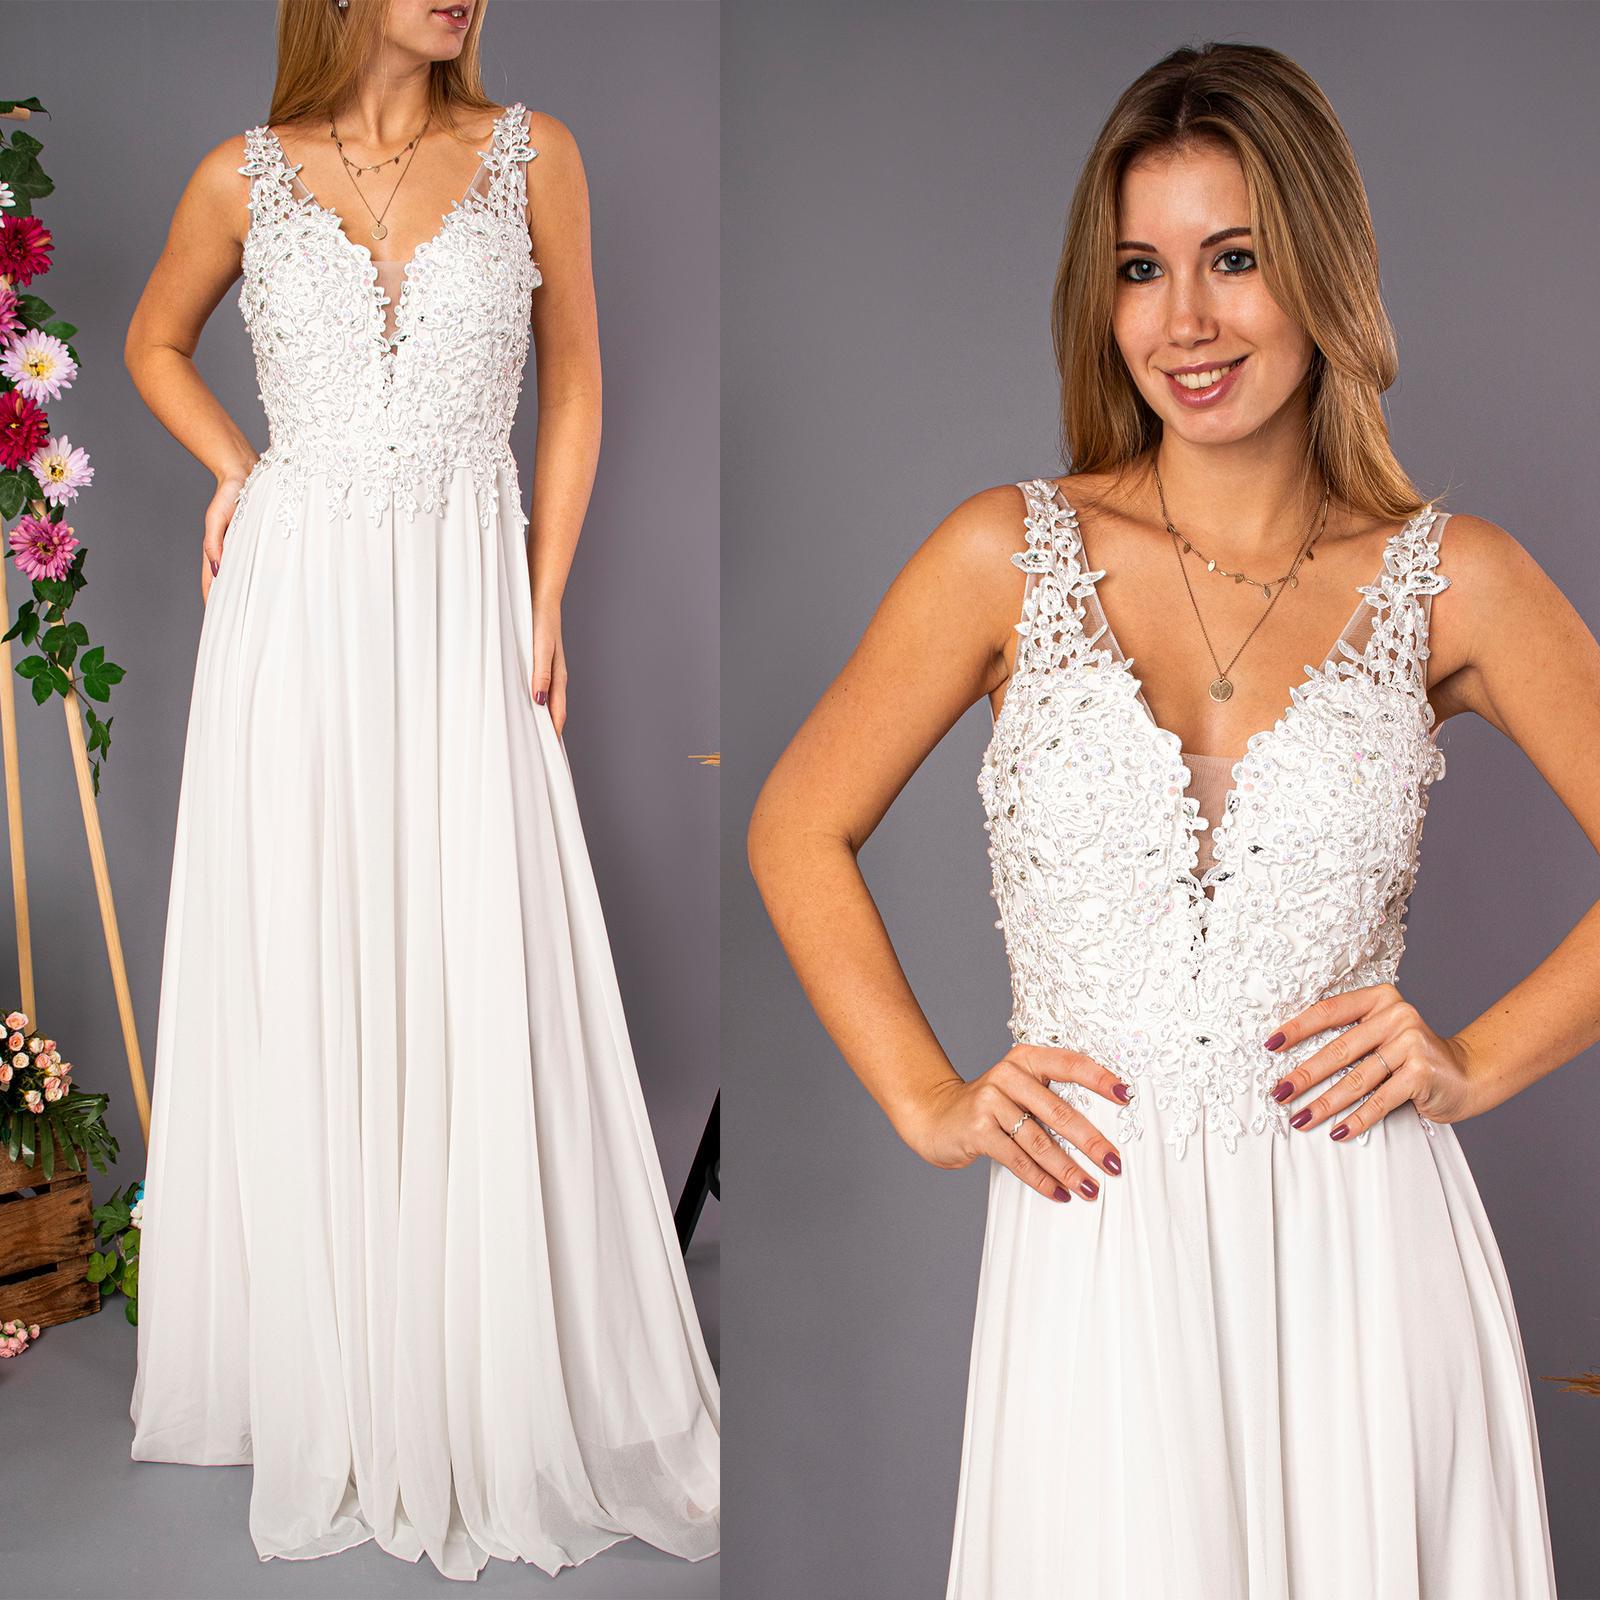 Svatební šaty s krajkou - Obrázek č. 1